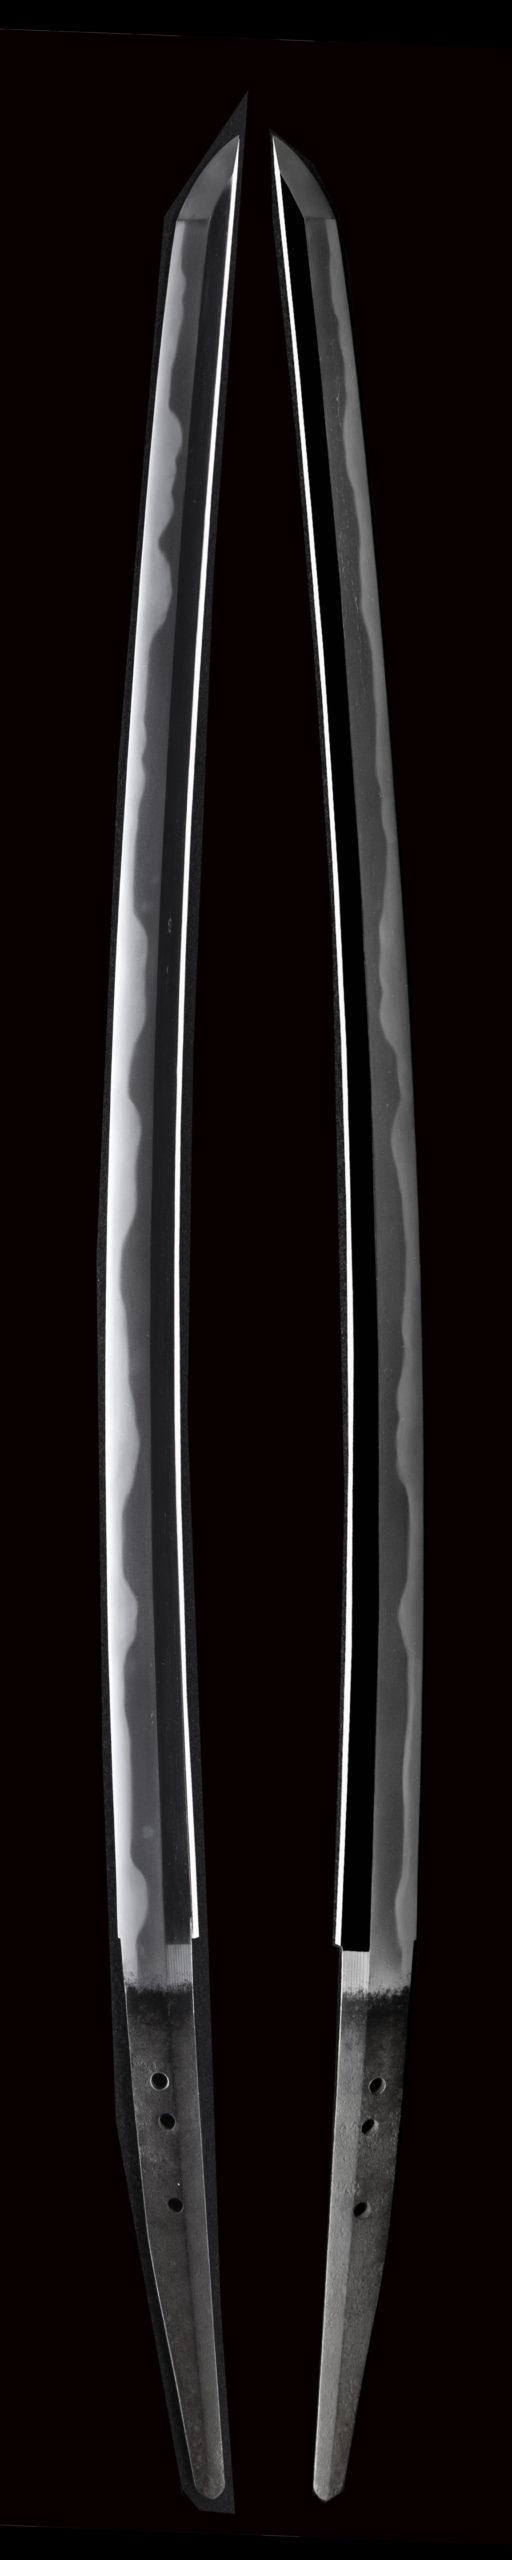 今回出品の村正は鞘書きは本阿弥成善、鑑定書は正真です。 千子村正の特徴である表と裏の刃文が揃い茎がタナゴ腹茎である。 For Muramasa exhibited this time, the sheath writing is Hon'ami Narizen, and the appraisal report is genuine This is the characteristic of Muramasa. The front and back swords are the same. The stem is a unique tanago abdominal stem.